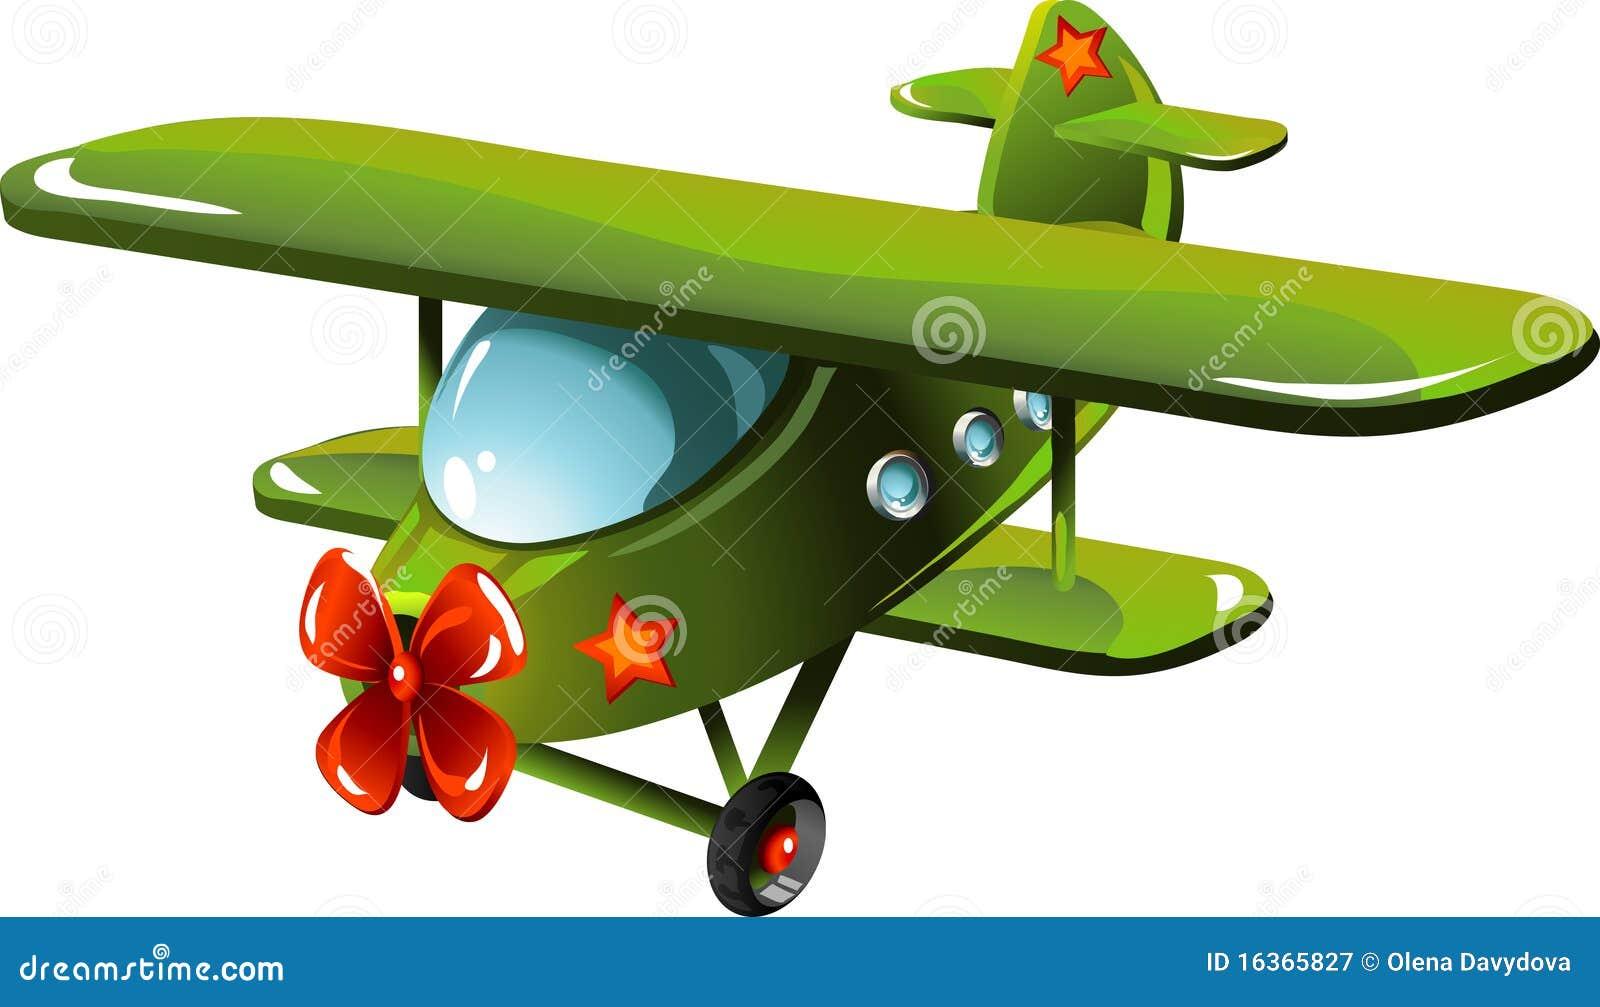 Avion de dessin animé